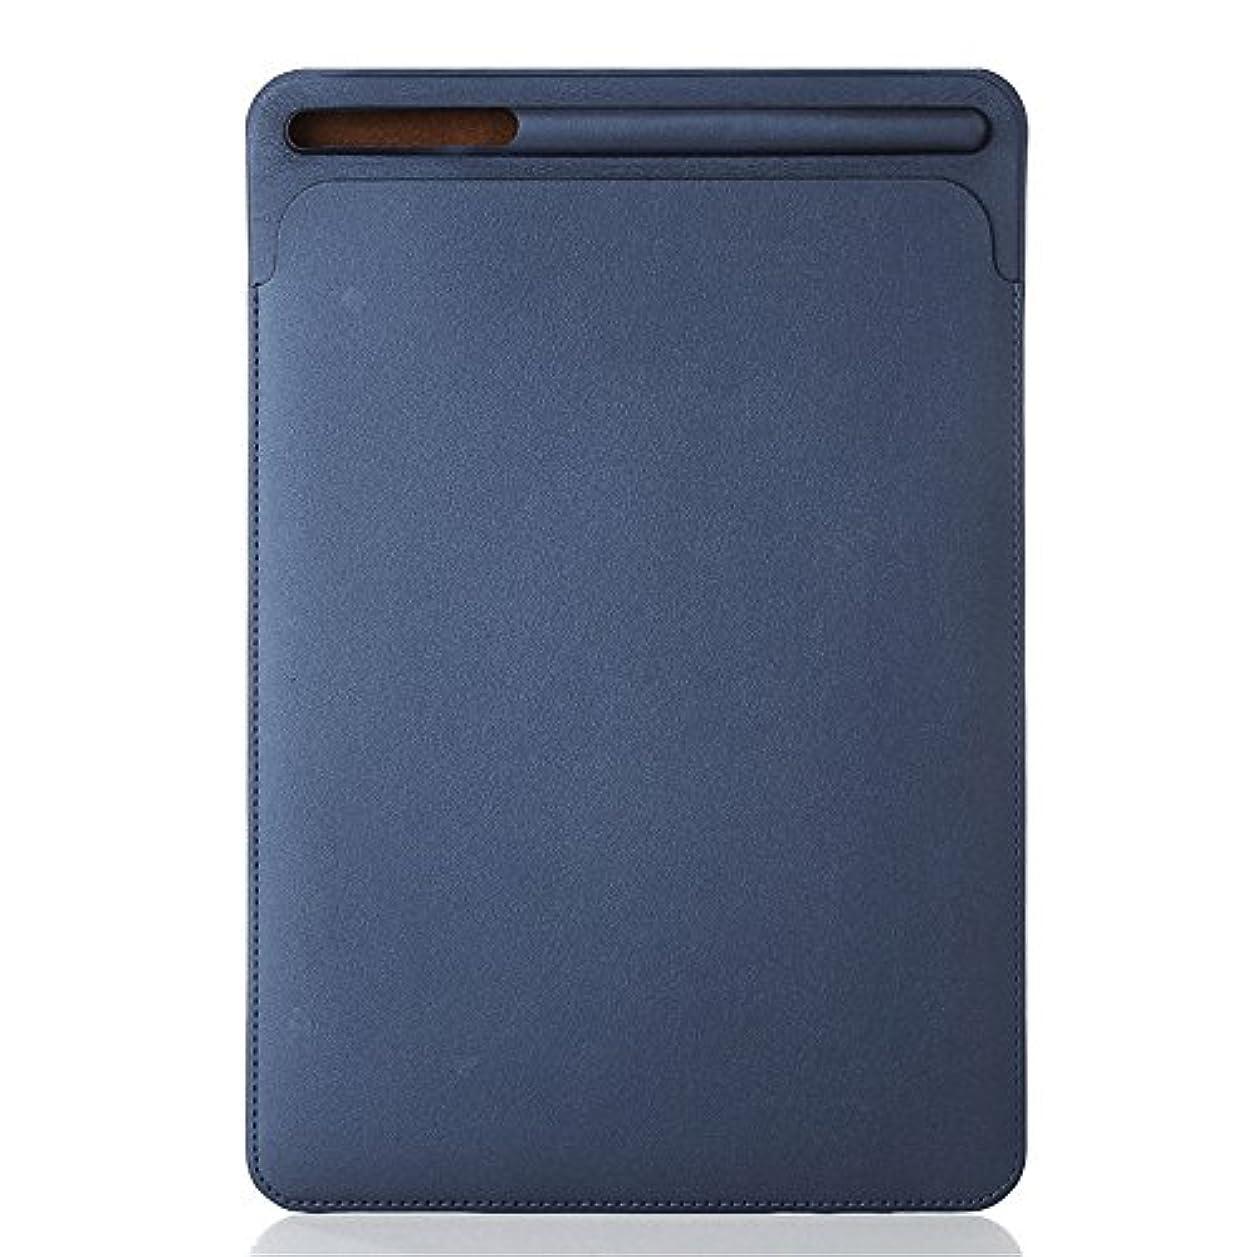 奇跡褐色裕福なXIHAMA iPad 9.7スリーブ、ペンシルスタイラスホルダー、超薄型PUレザー保護ケースカバー、Apple iPad 9.7インチ2018用 (青)